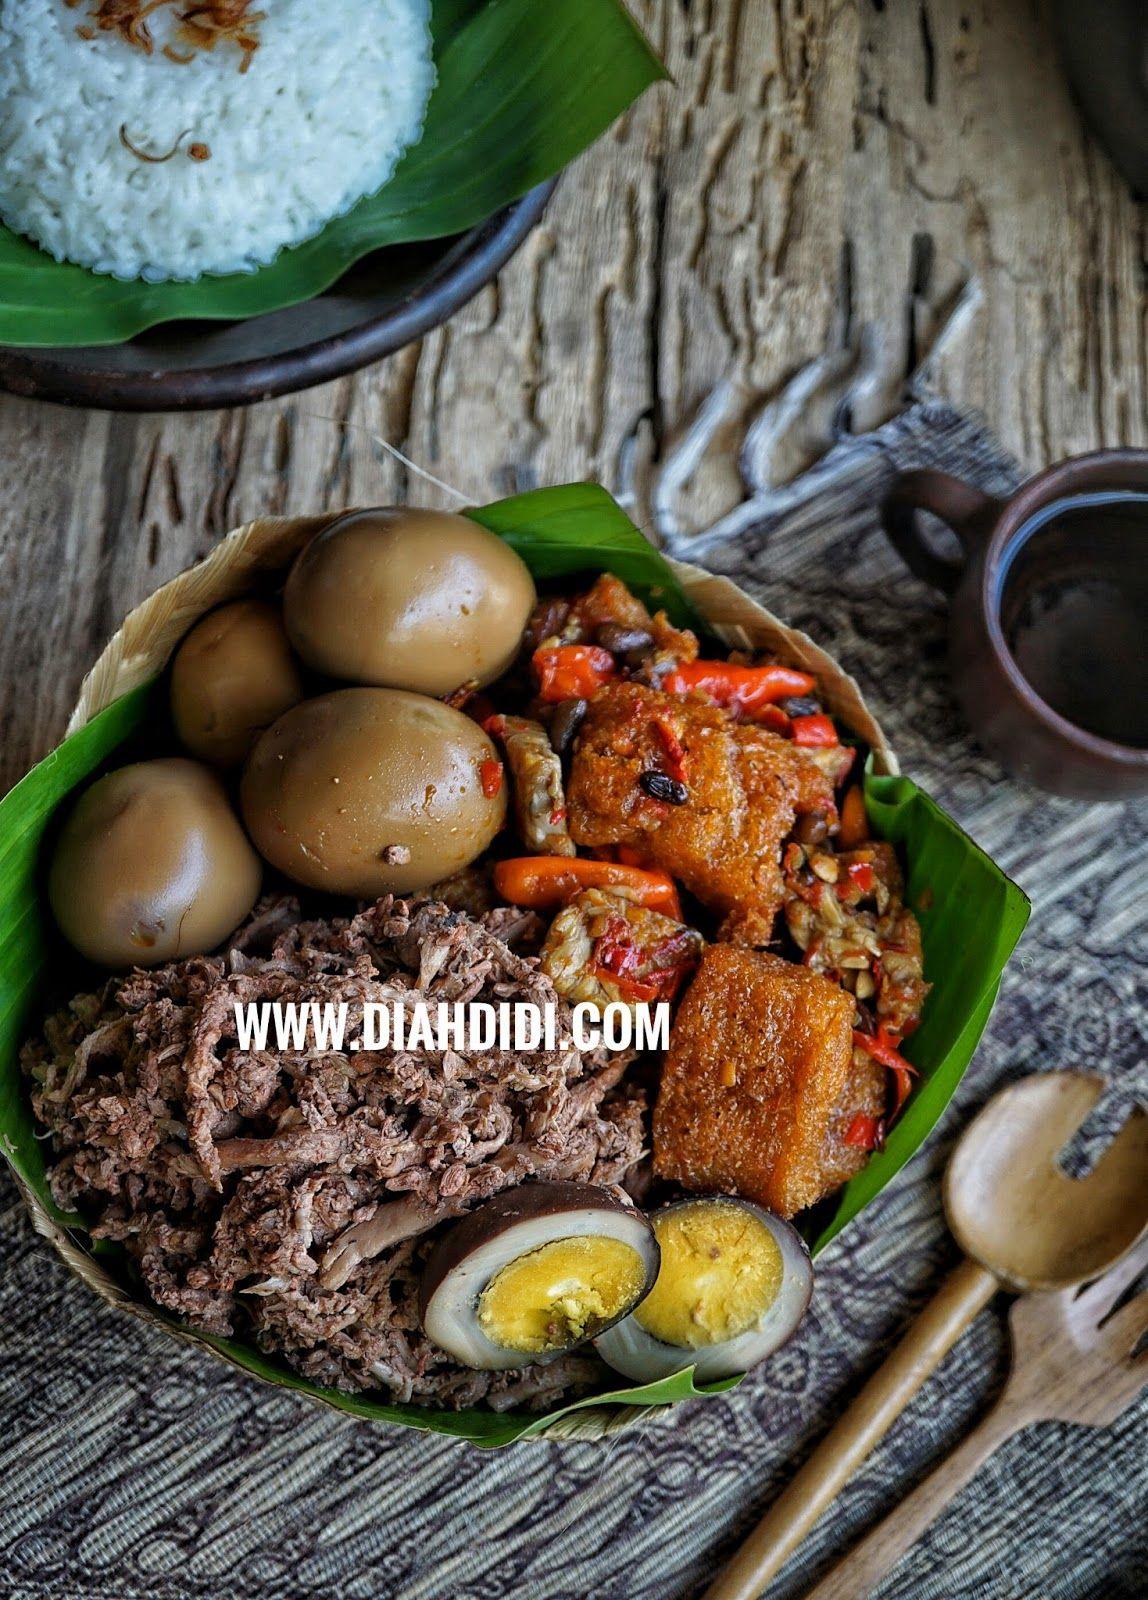 Blog Diah Didi Berisi Resep Masakan Praktis Yang Mudah Dipraktekkan Di Rumah Fotografi Makanan Masakan Masakan Indonesia